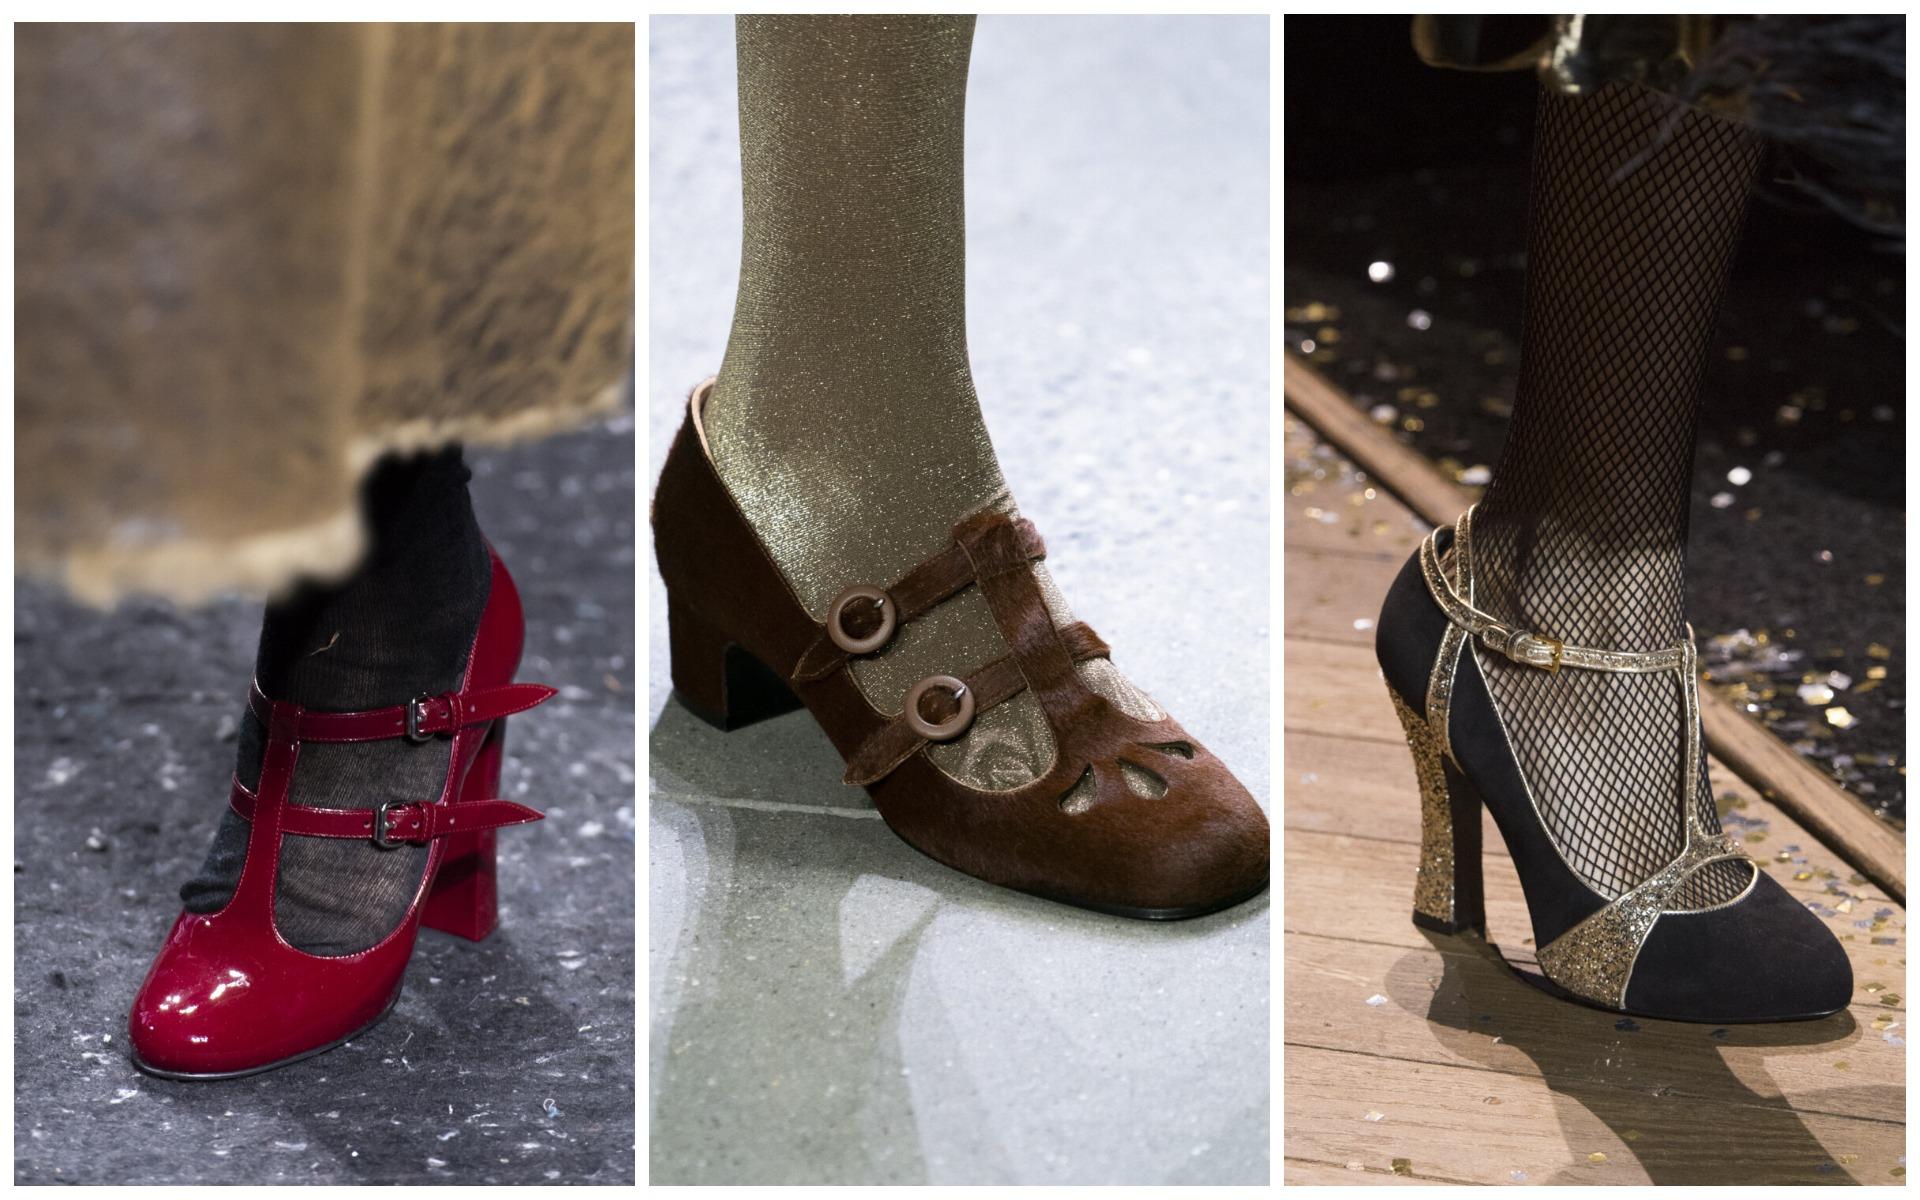 Туфли Мэри Джейн - классическая и очень милая обувь